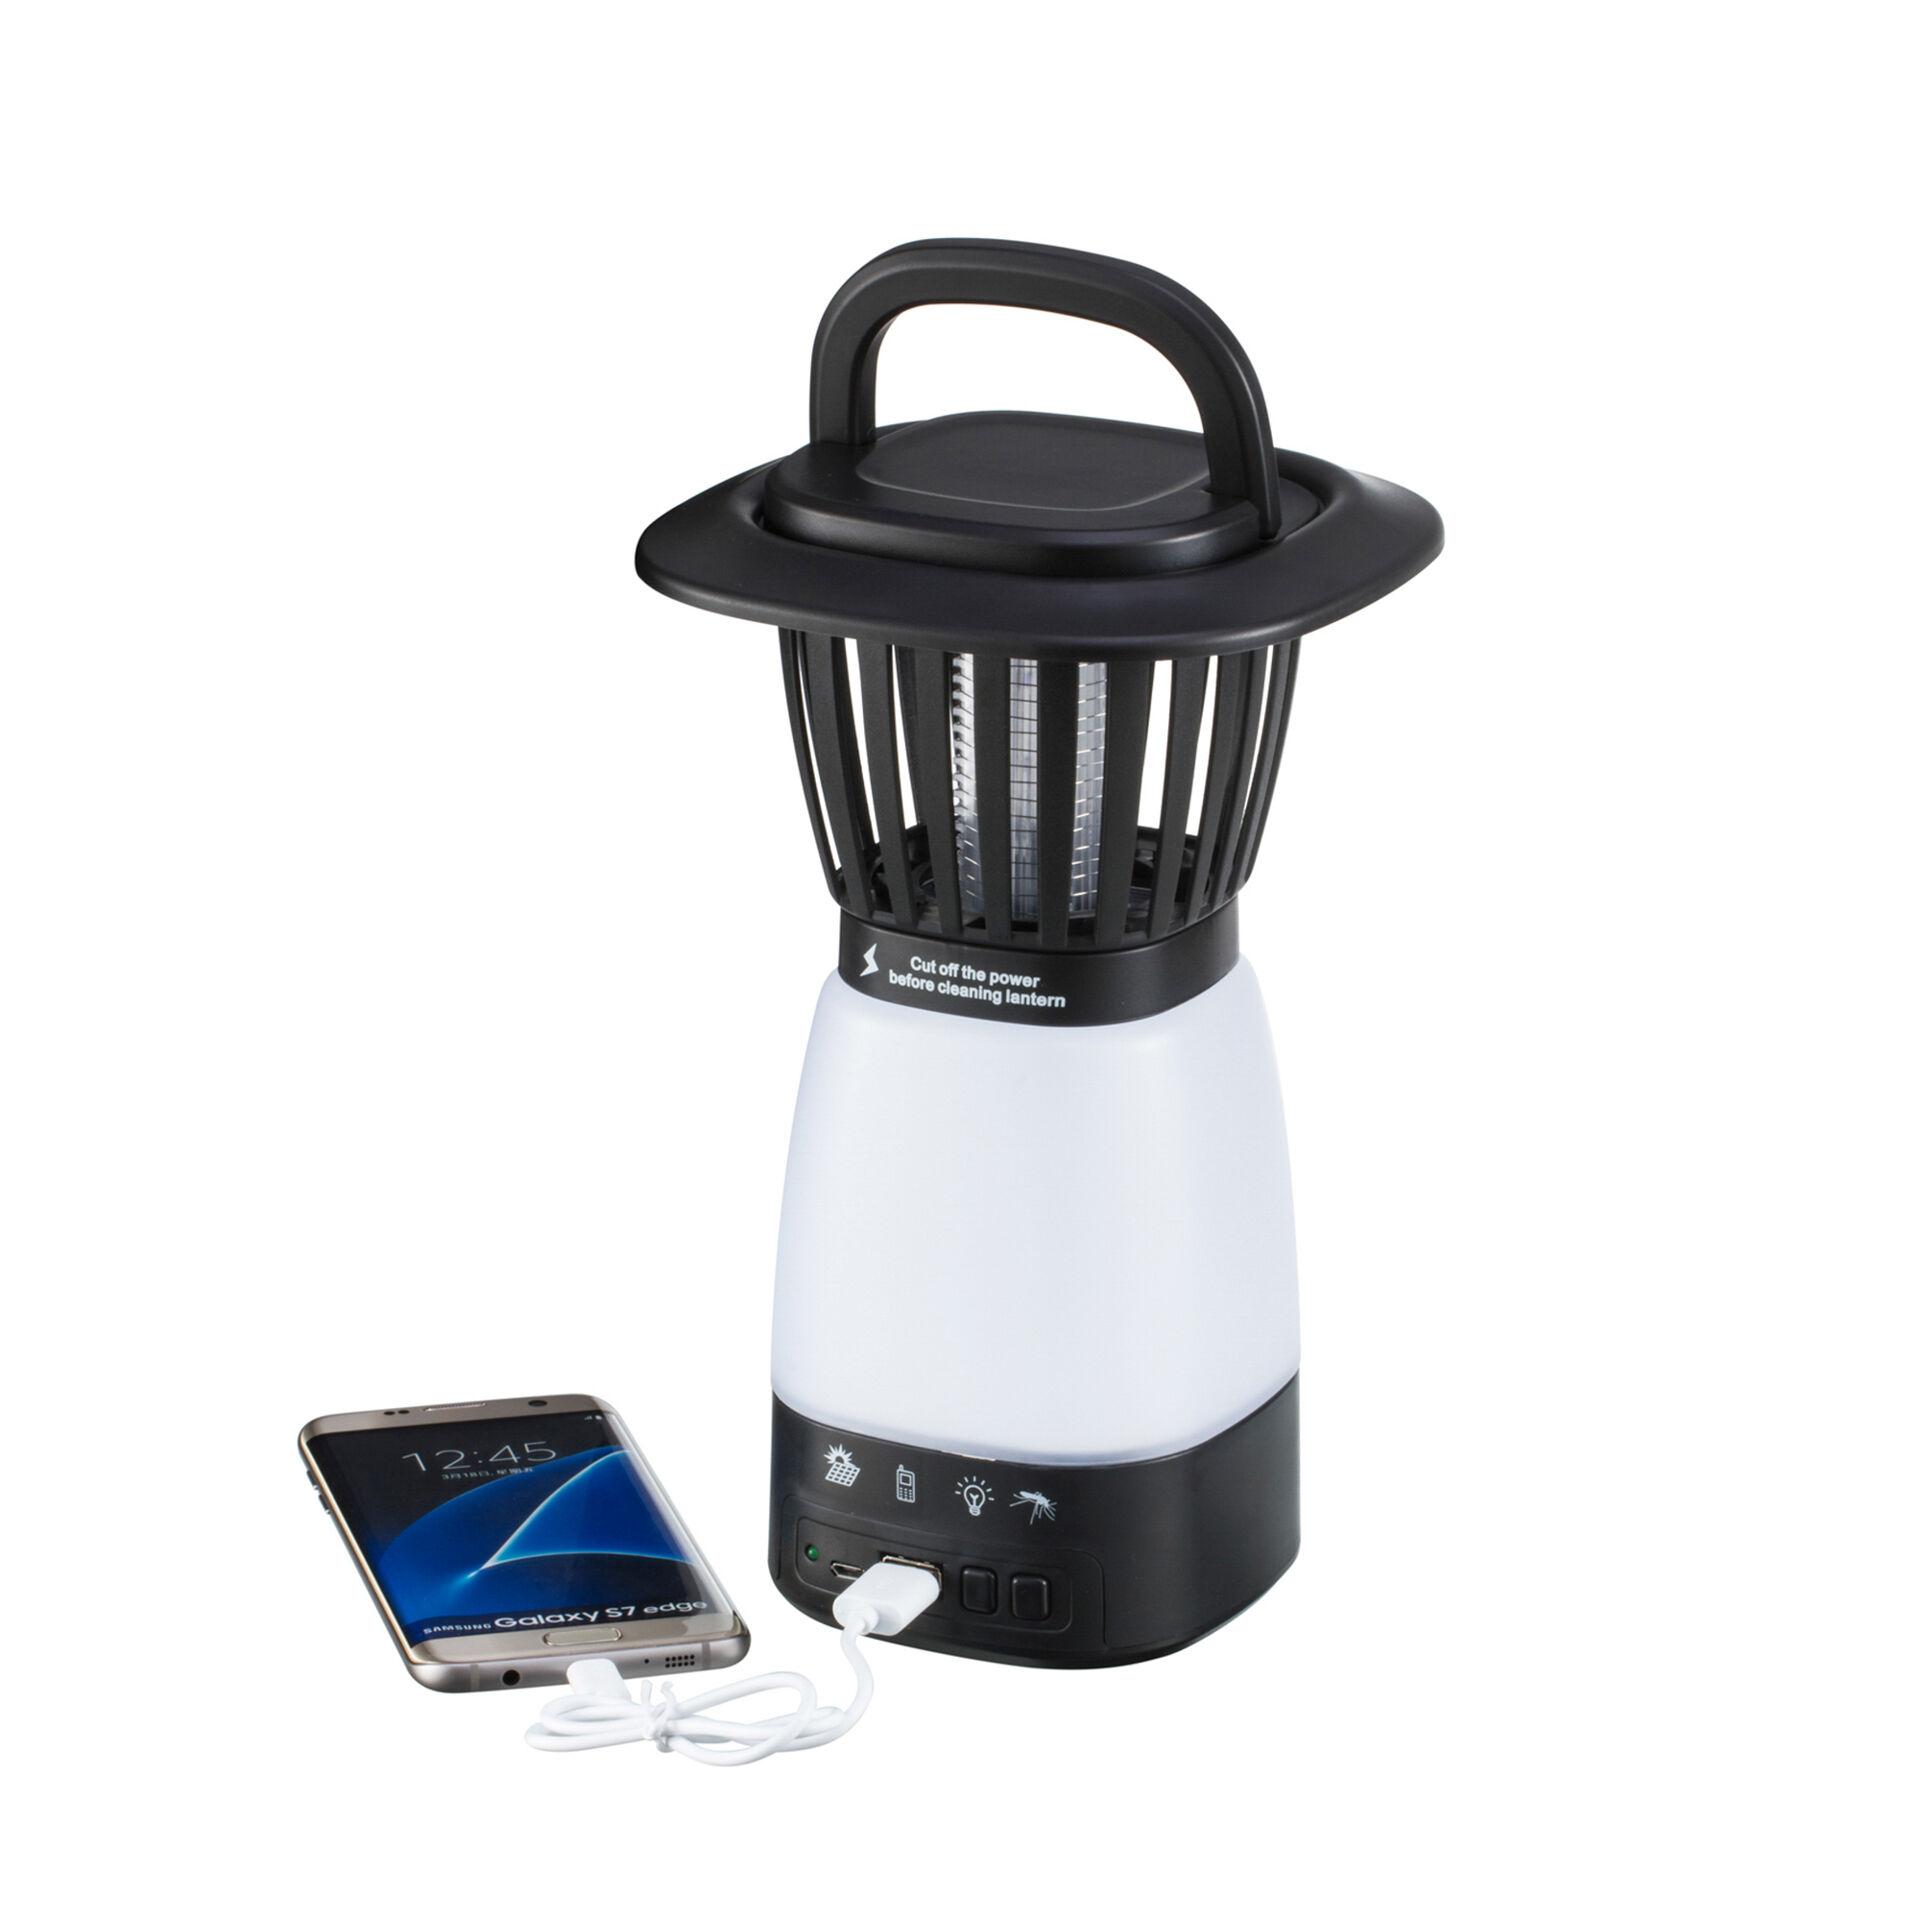 Lampe solaire anti insectes et batterie externe, , large